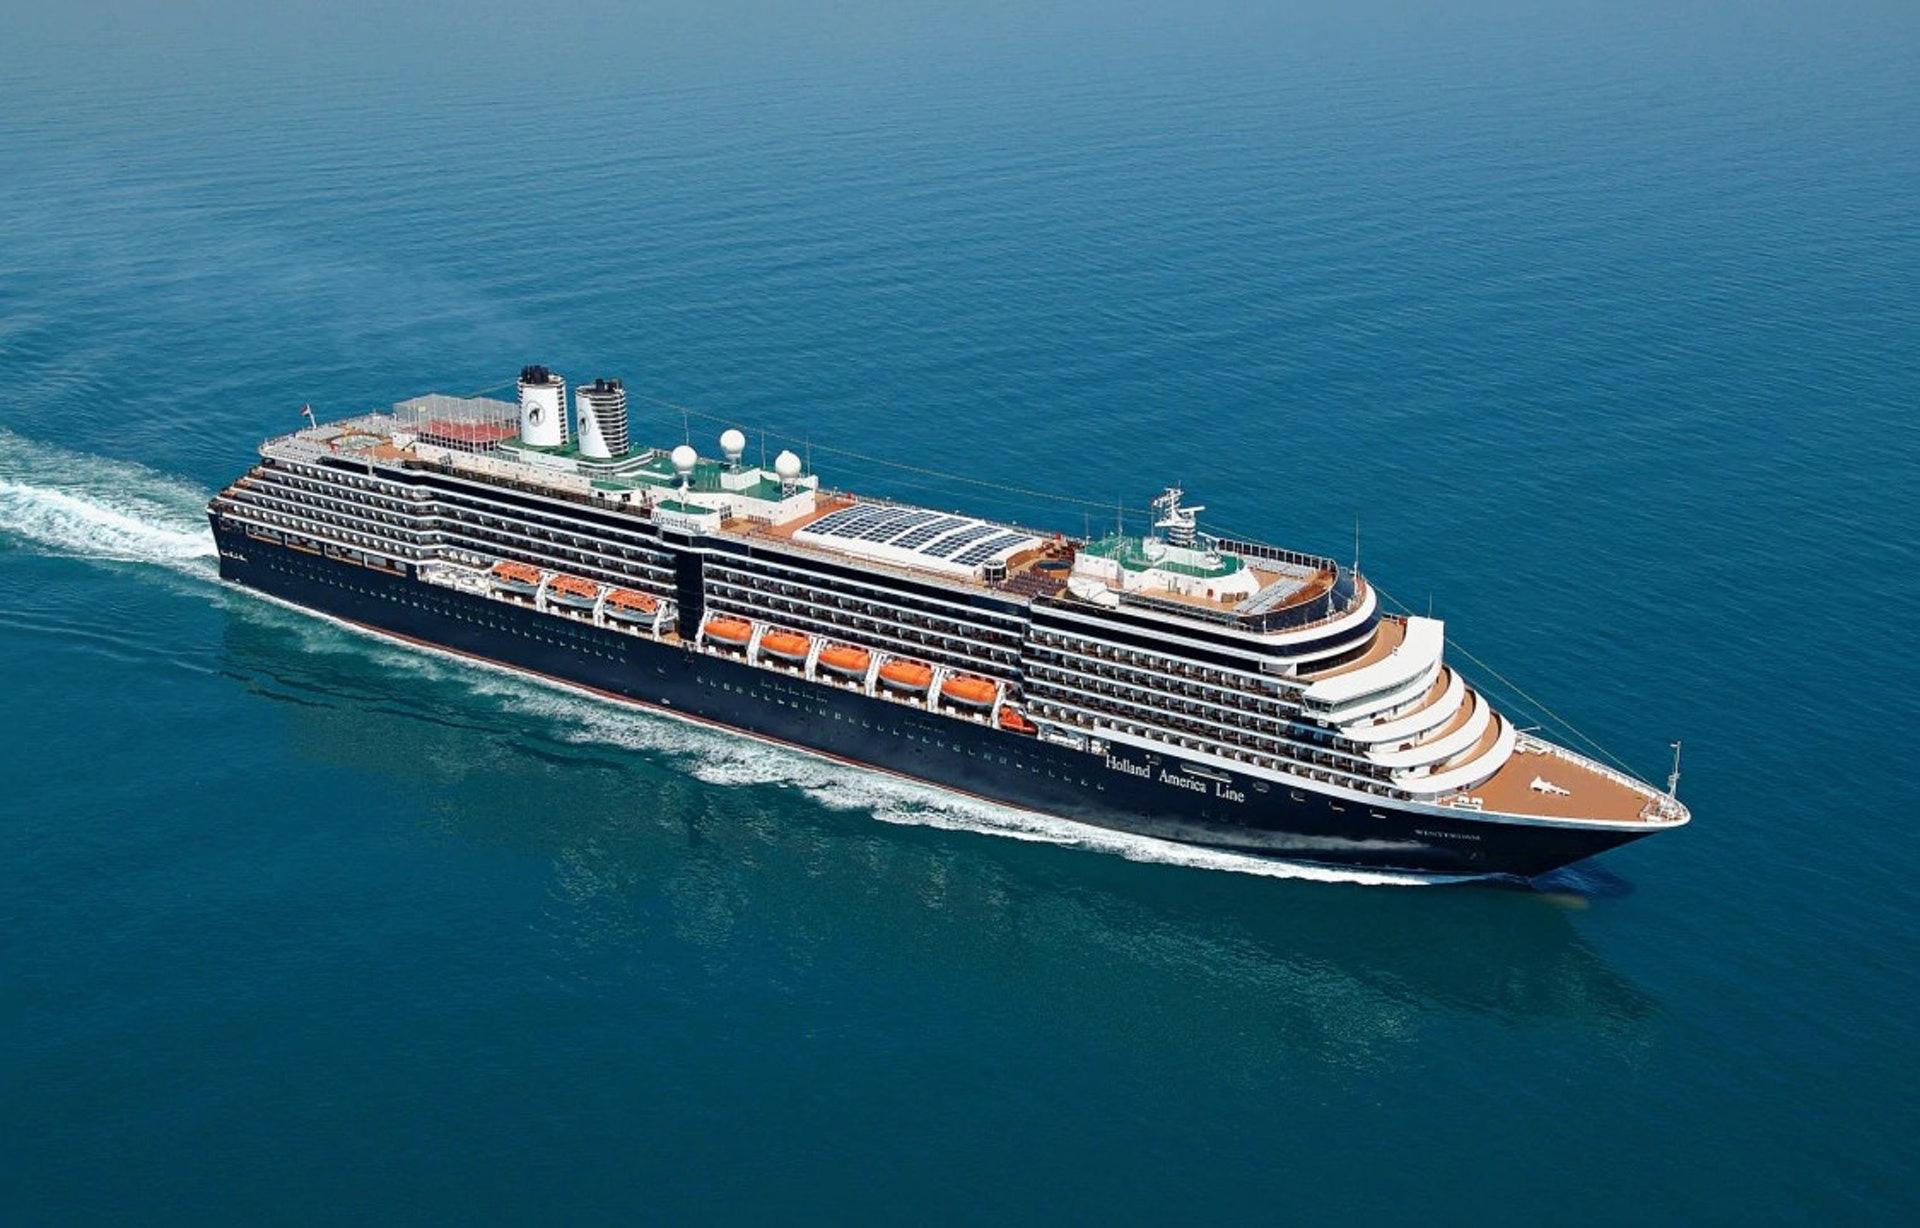 Sau khi cập cảng Campuchia, tàu du lịch MS Westerdam hủy chuyến đi và bồi thường cho khách - Ảnh 1.